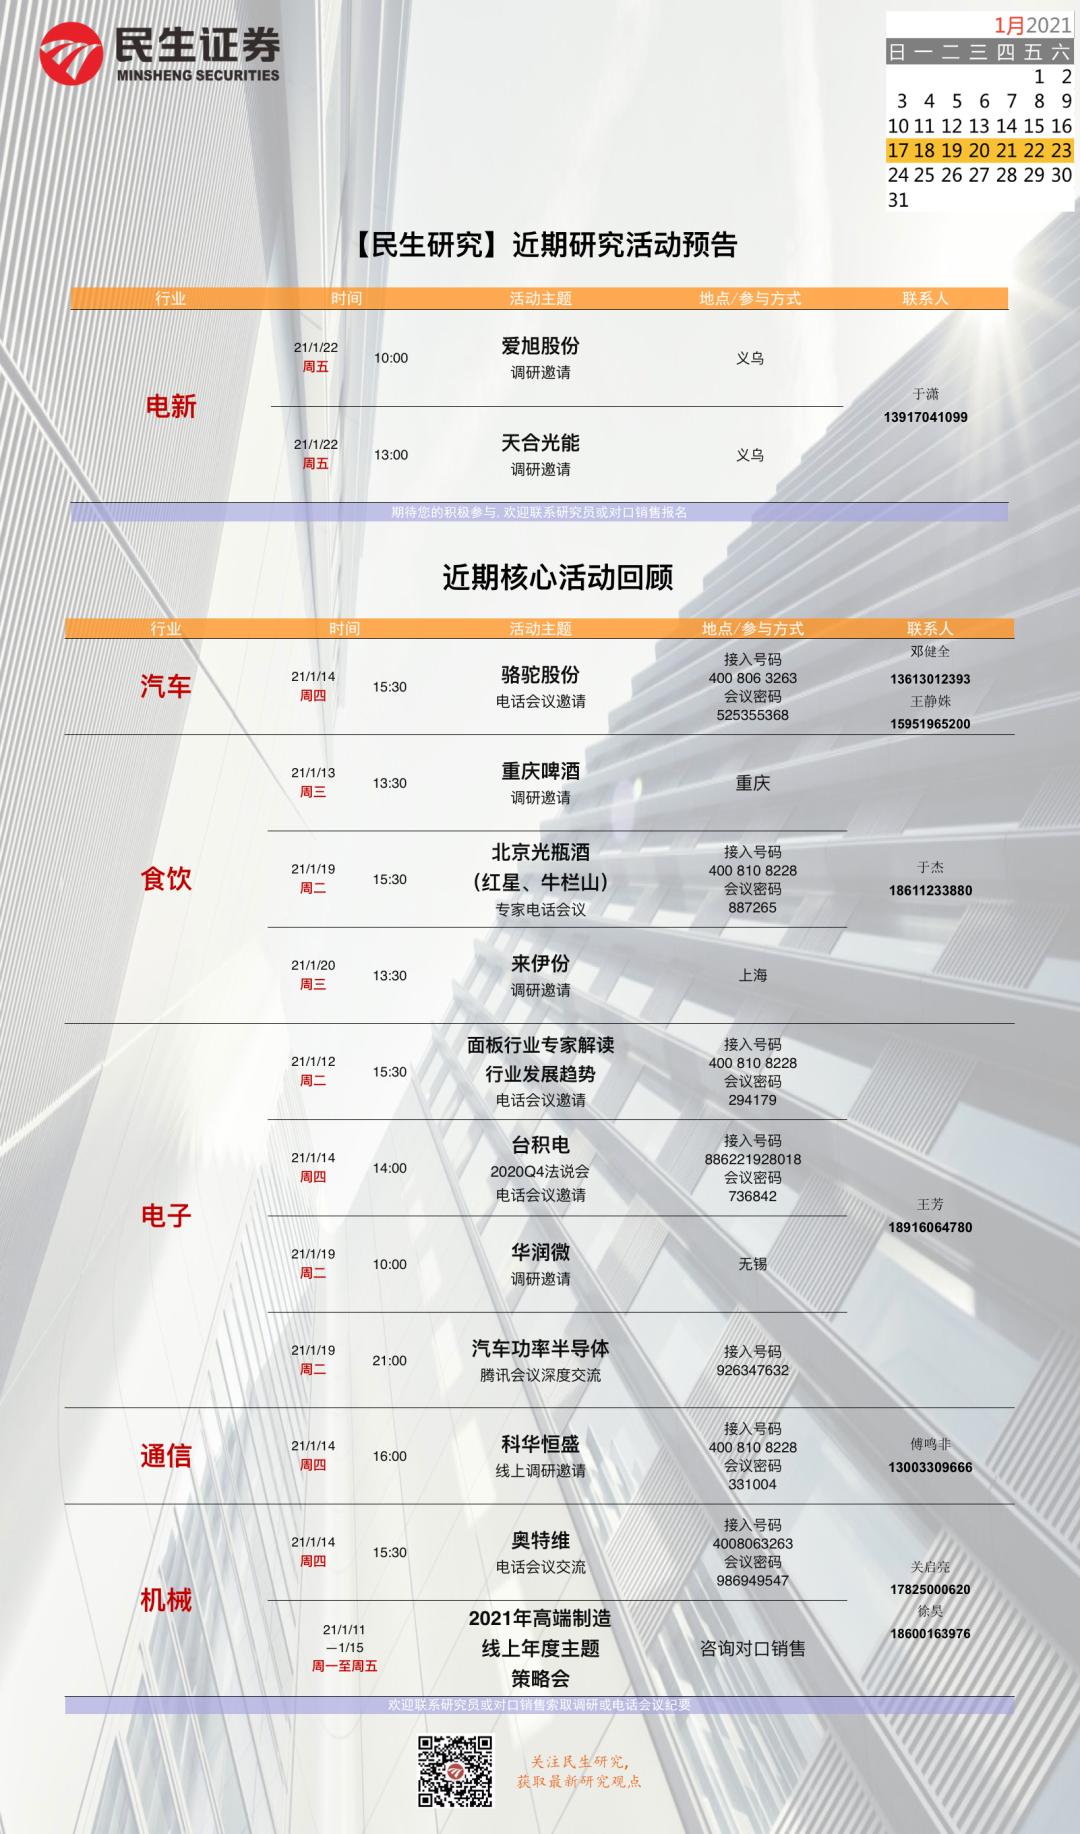 【民生证券研究院】晨会纪要20210121